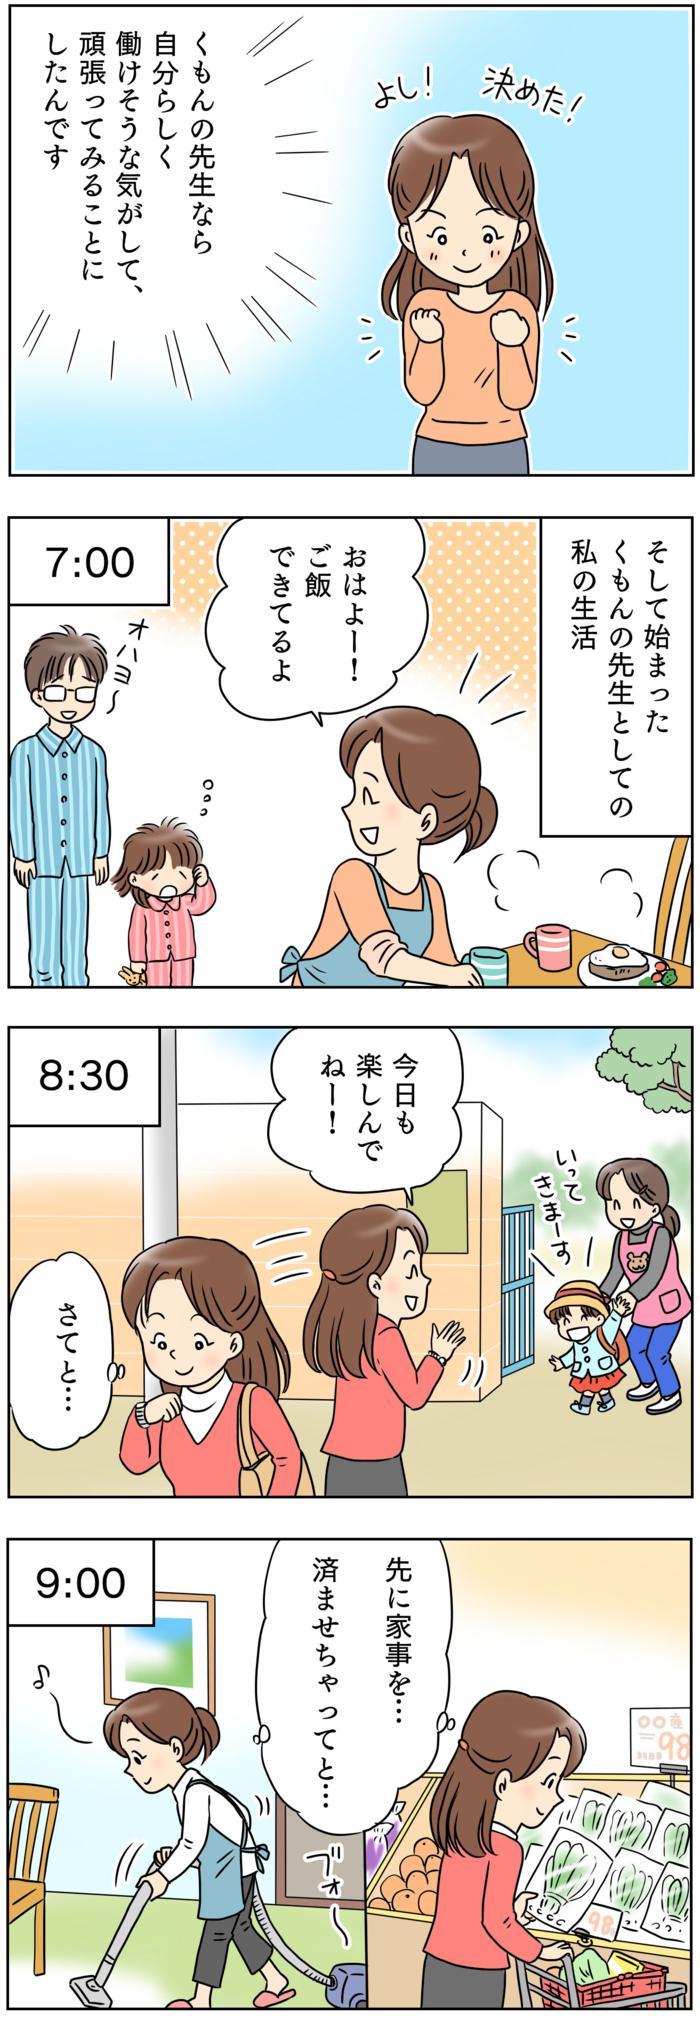 「私らしく働きたい」ママ必見!育児と仕事を両立させる、これからの時代の働き方とは?の画像9